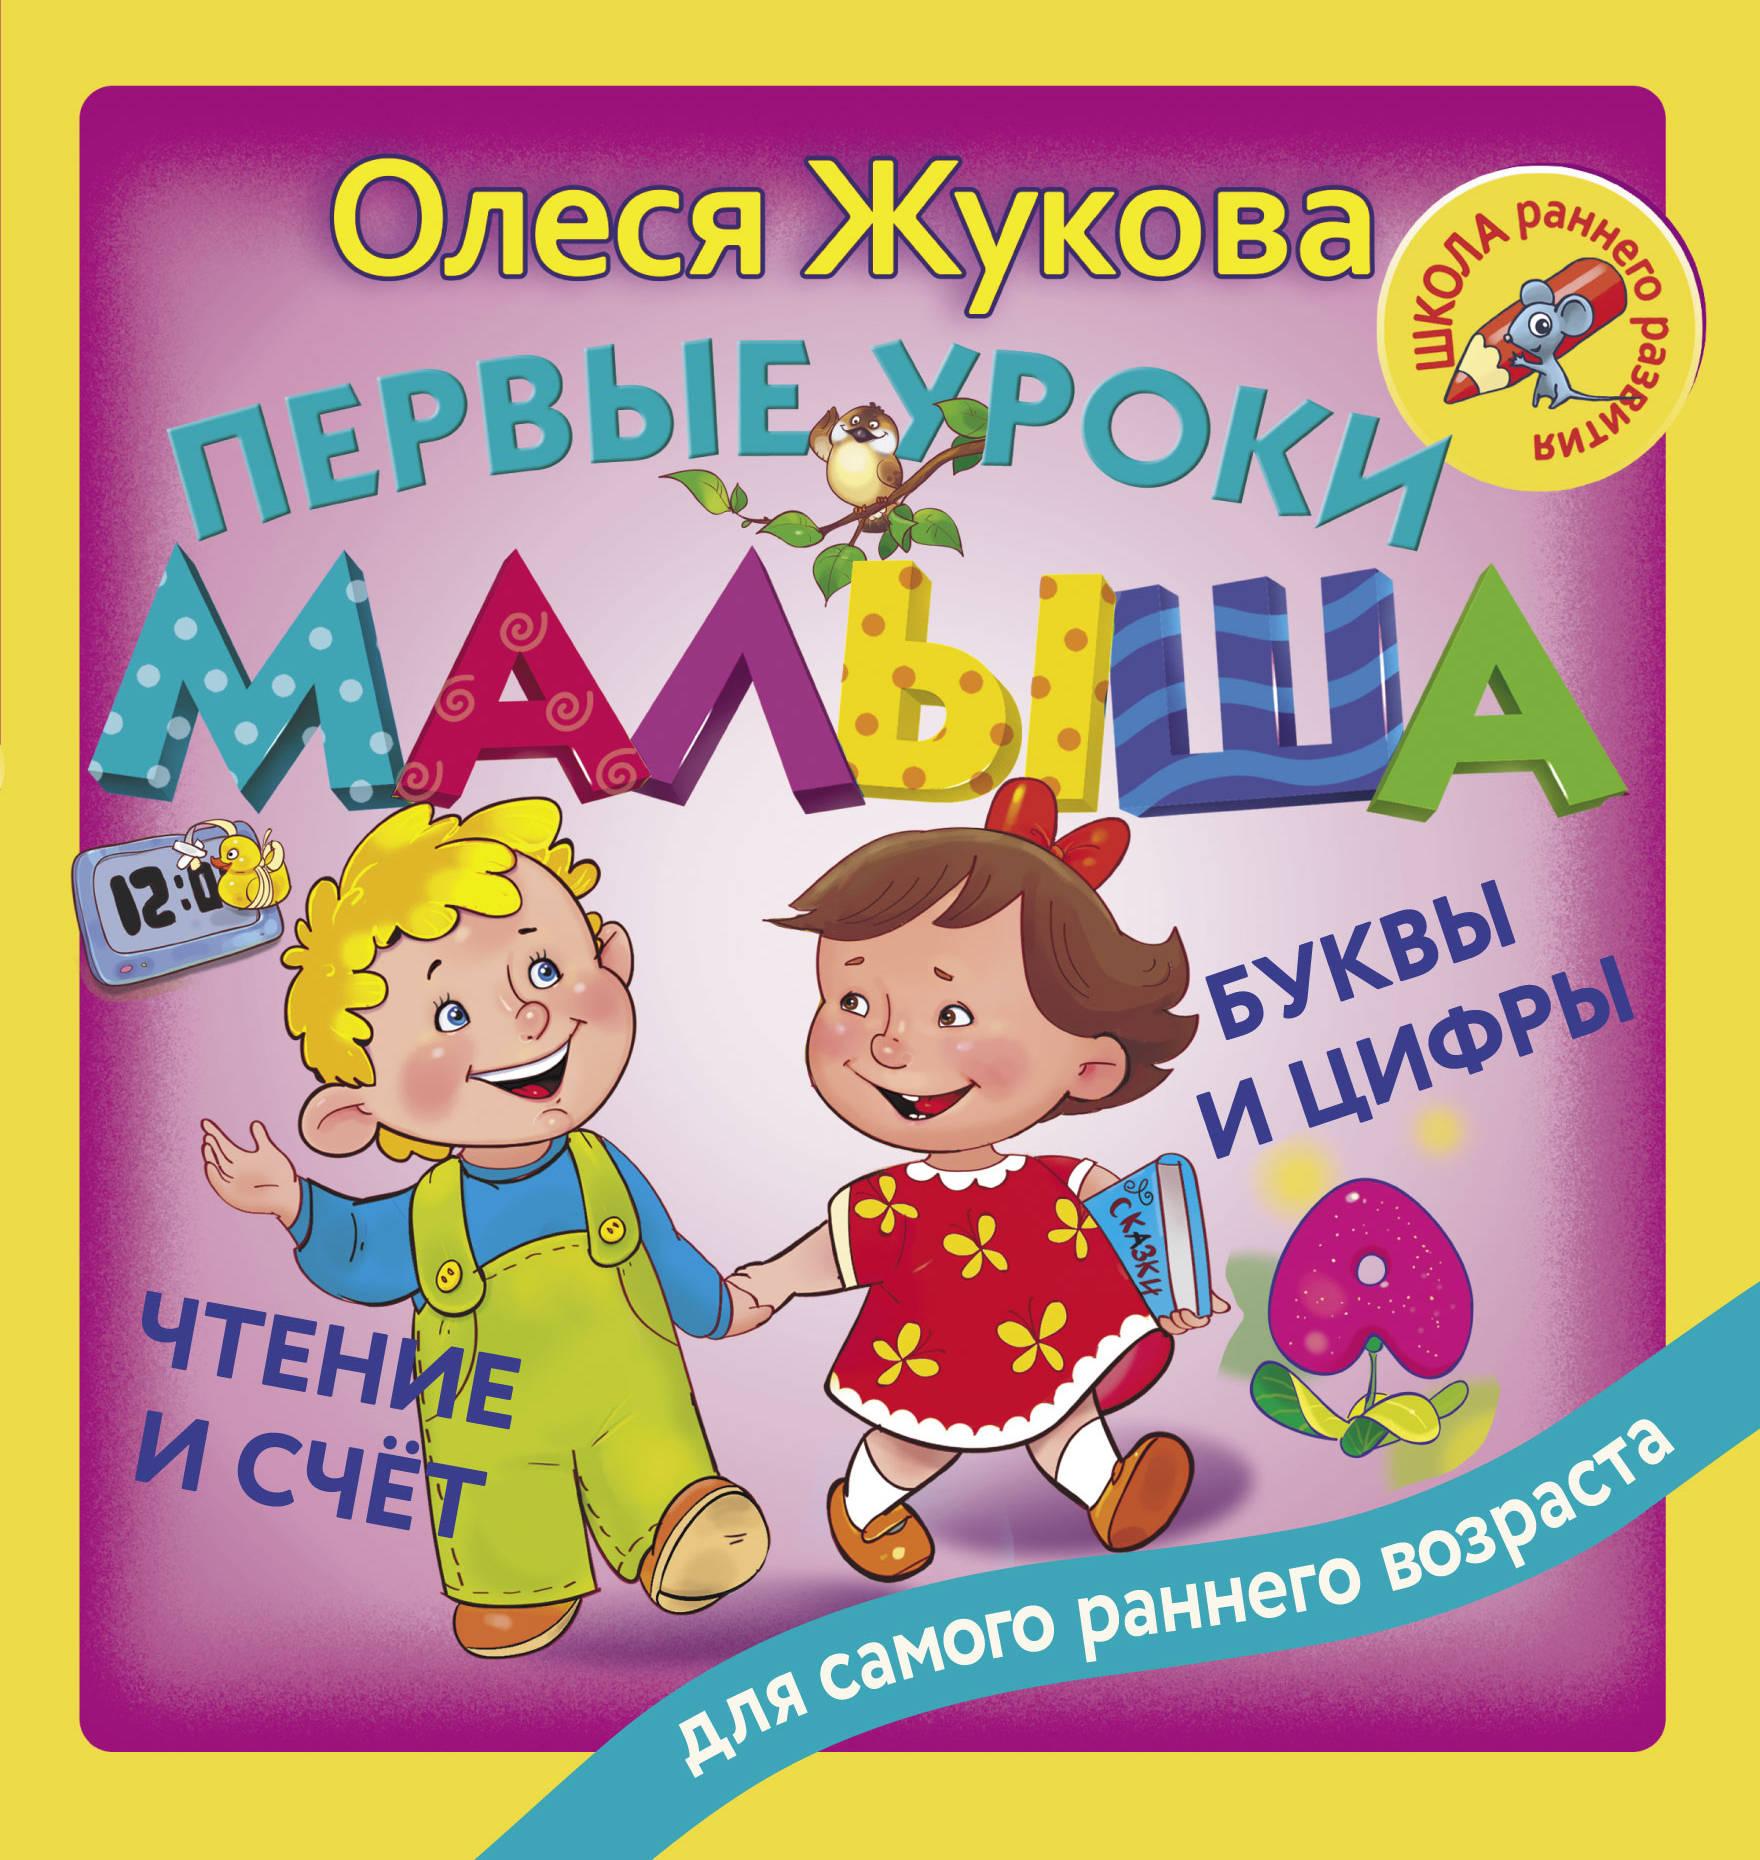 Олеся Жукова Первые уроки малыша: буквы и цифры, чтение и счет олеся жукова цифры и счёт